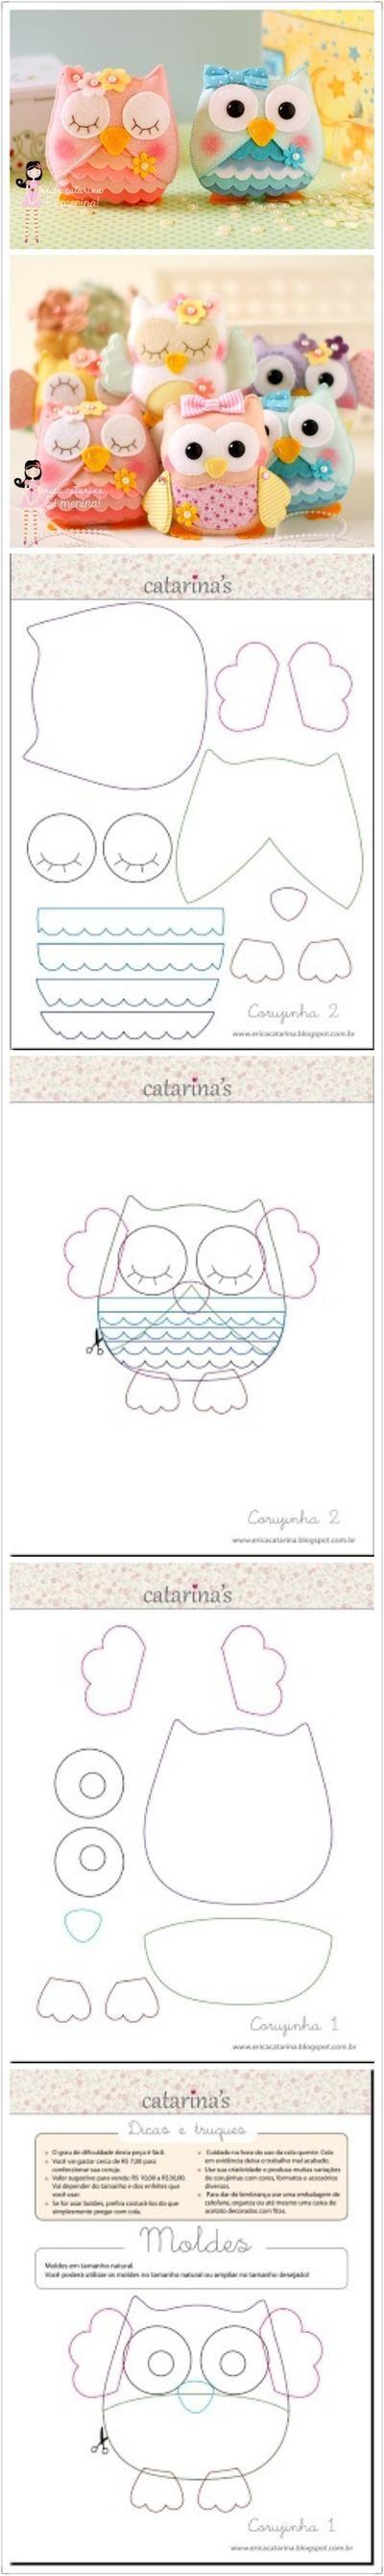 210 best Idee für Bilder images on Pinterest | Abstract art ...